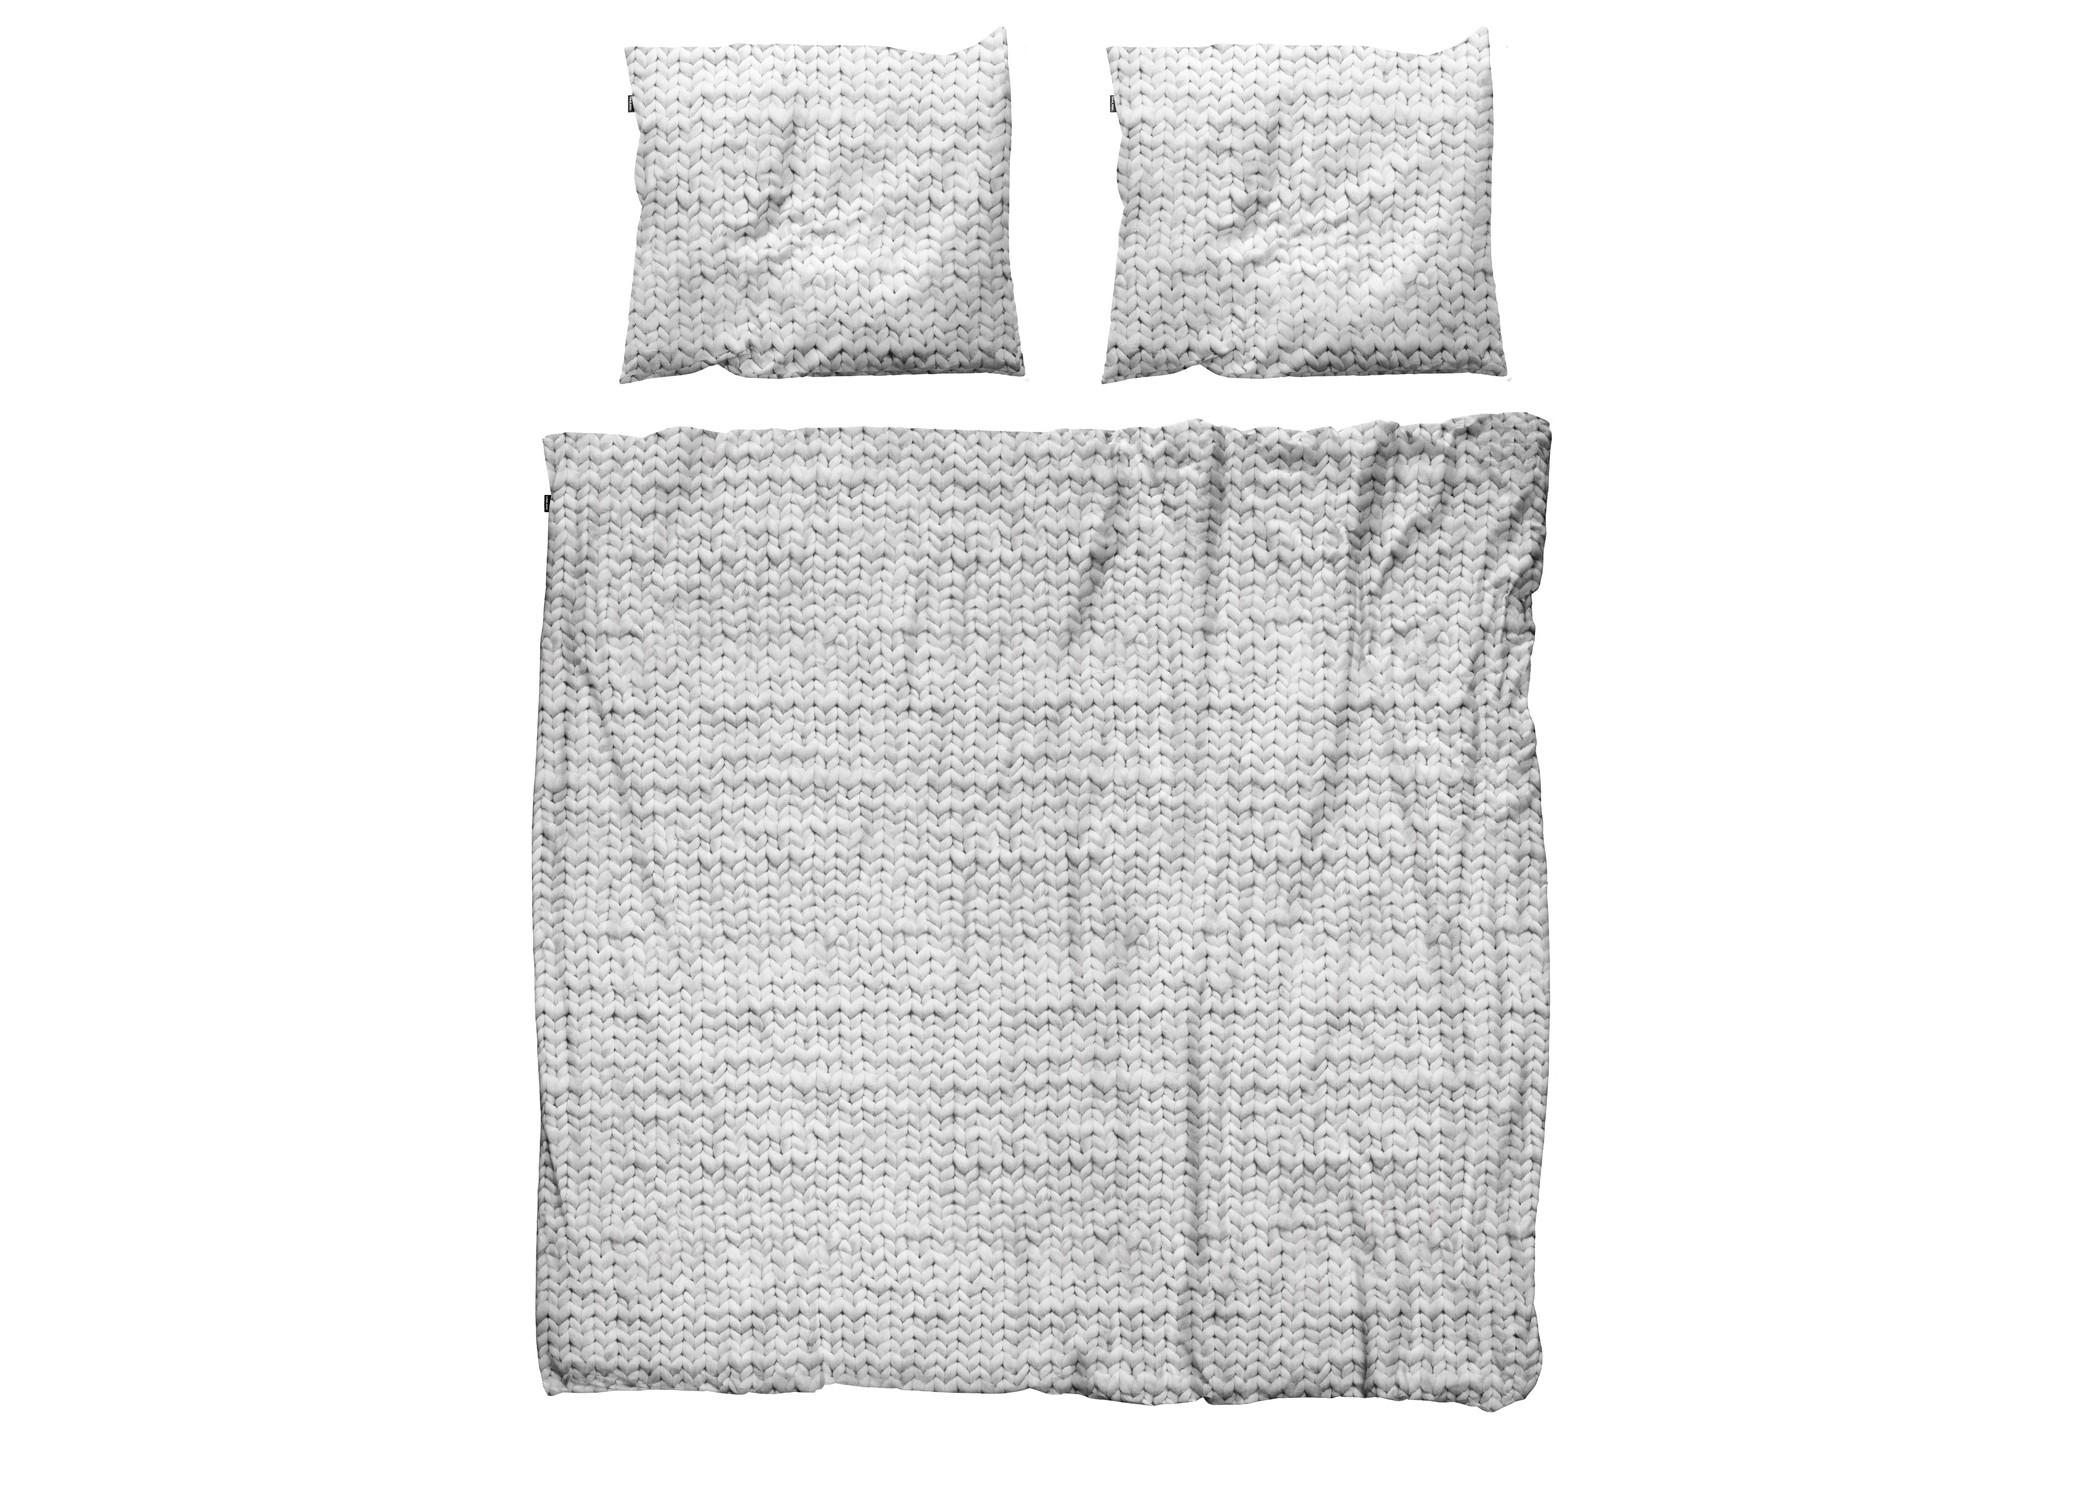 Комплект постельного белья Косичка серыйДвуспальные комплекты постельного белья<br>Этот мягкий узор связан очень большими спицами, а клубки шерсти были размером с баскетбольные мячи. Все для того, чтобы внести уют и тепло в вашу спальню в холодные зимние ночи.&amp;amp;nbsp;&amp;lt;div&amp;gt;&amp;lt;br&amp;gt;&amp;lt;/div&amp;gt;&amp;lt;div&amp;gt;Материал: 100% хлопок ПЕРКАЛЬ (плотность ткани 214г/м2).&amp;lt;div&amp;gt;&amp;lt;span style=&amp;quot;line-height: 1.78571;&amp;quot;&amp;gt;В комплект входит: пододеяльник 200х220см - 1 шт, наволочка 50х70см - 2 шт.&amp;lt;/span&amp;gt;&amp;lt;br&amp;gt;&amp;lt;/div&amp;gt;&amp;lt;/div&amp;gt;<br><br>Material: Хлопок<br>Length см: 220<br>Width см: 200